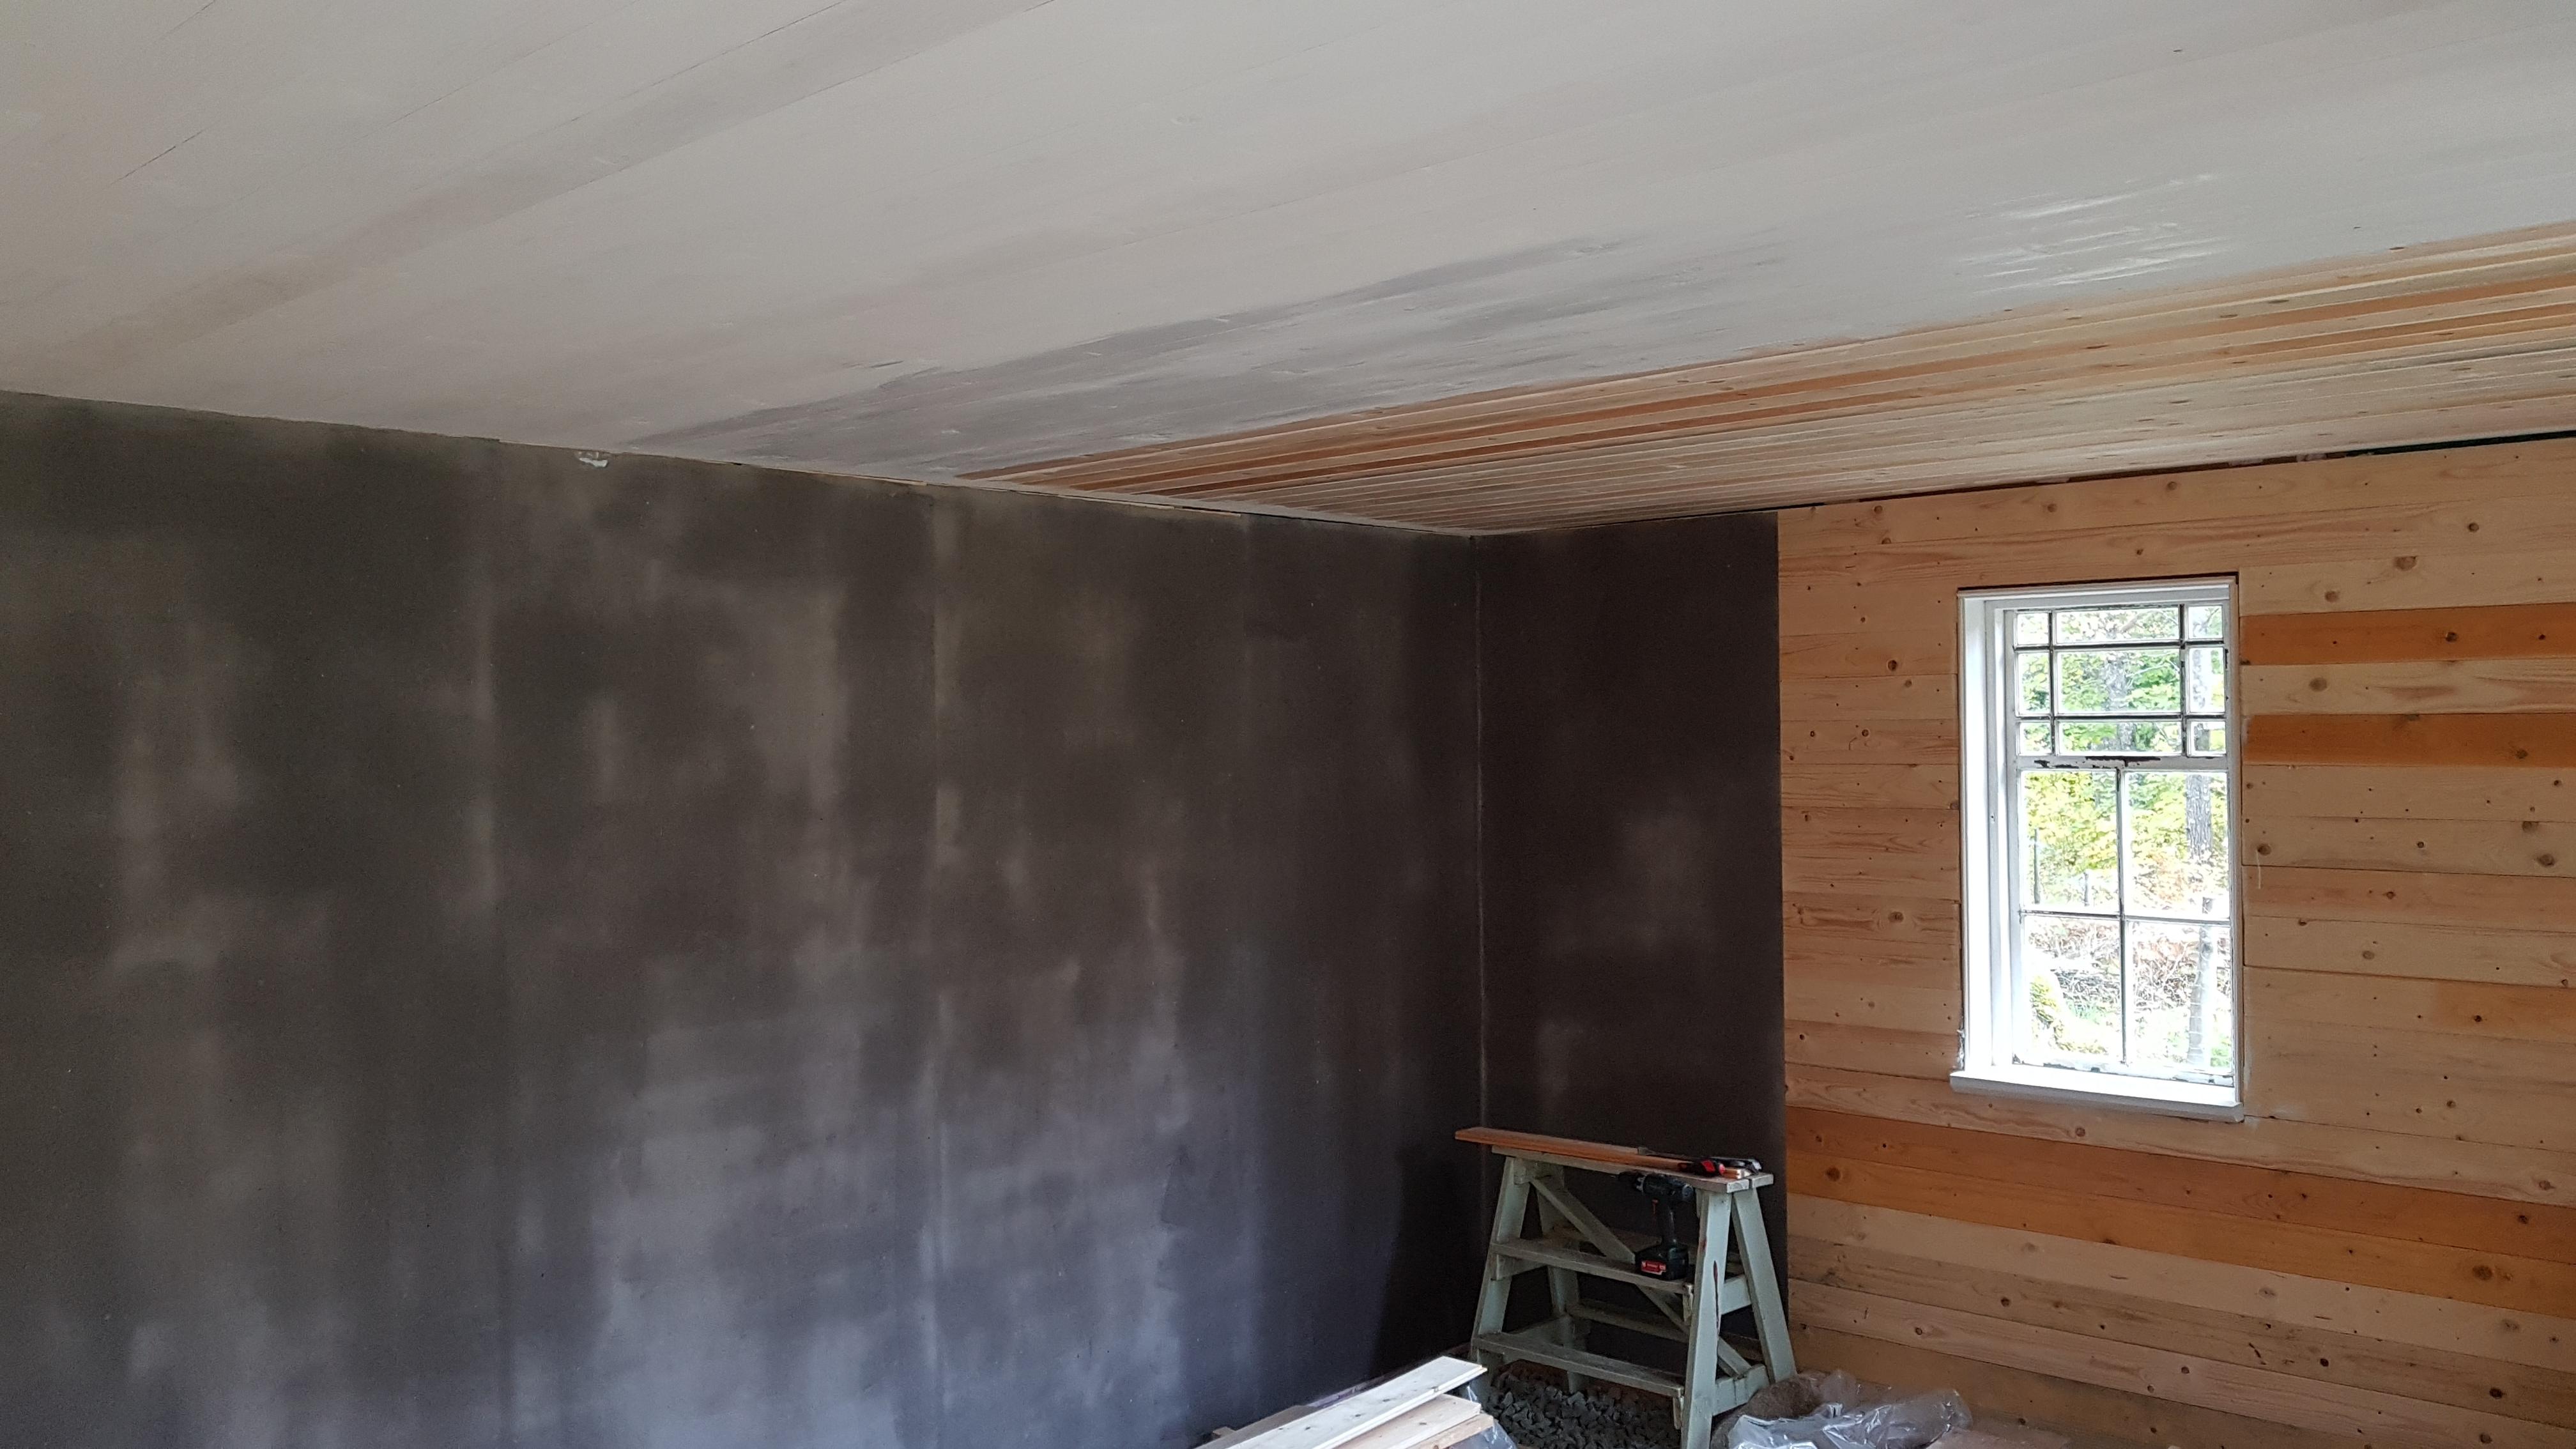 Lumppapp uppsatt på vägg och grundad med limvatten